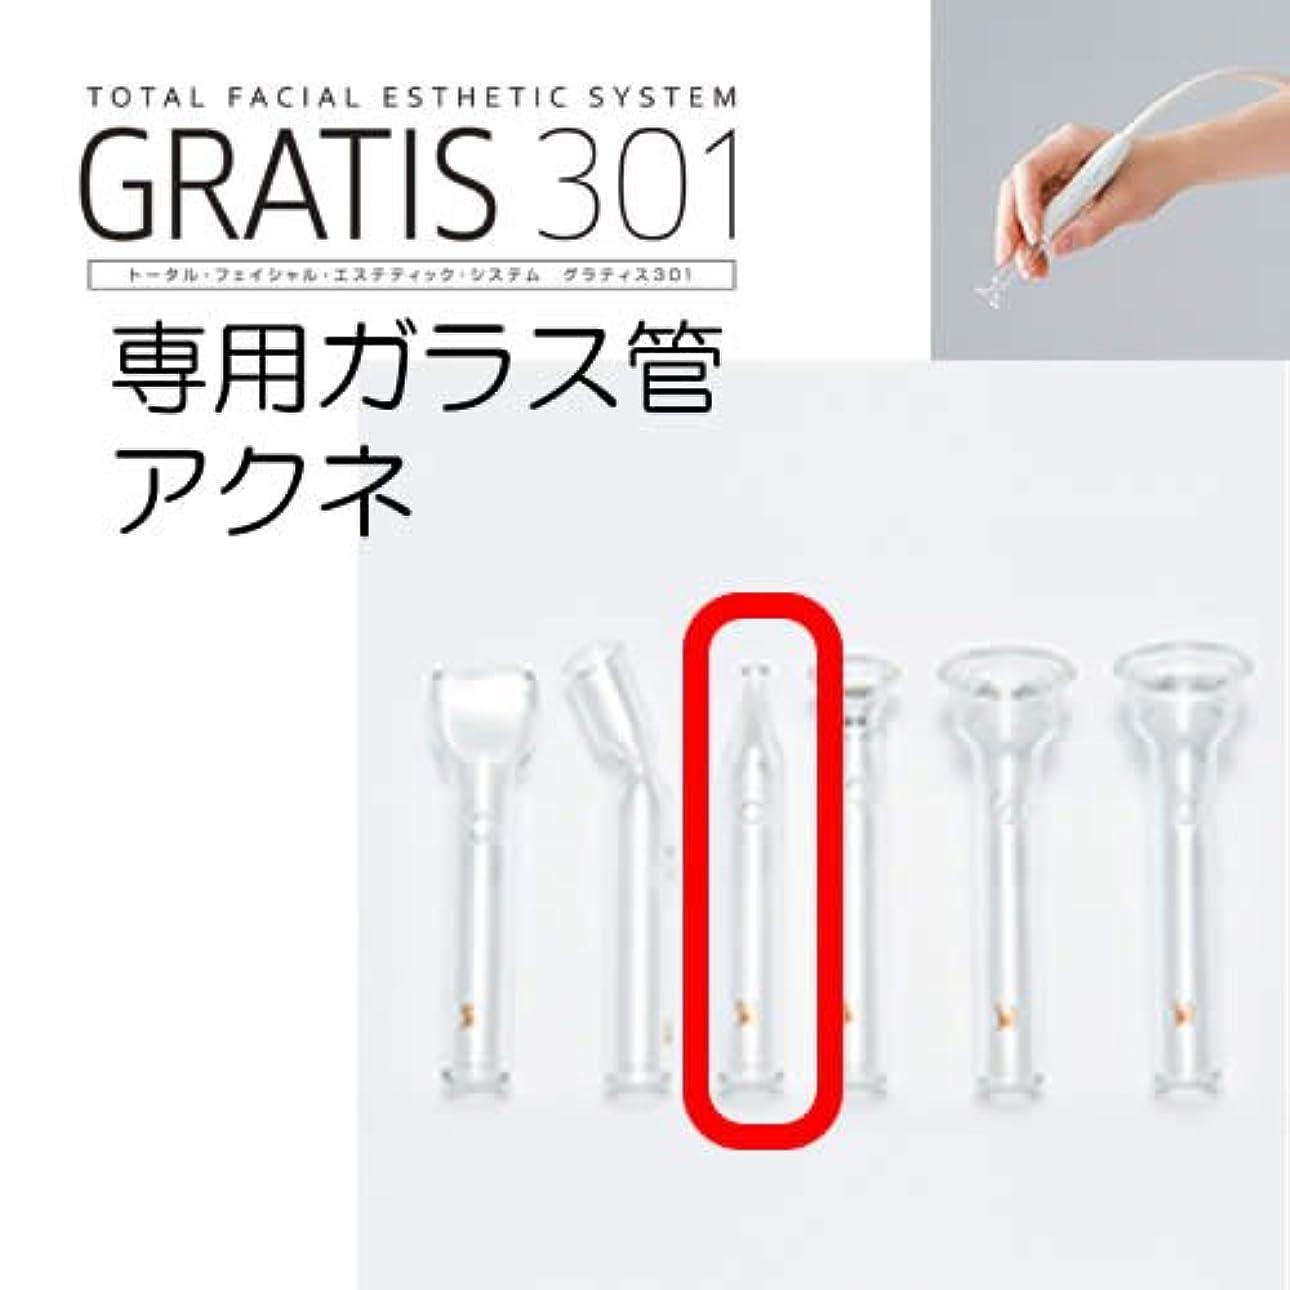 ハチ滝ムスGRATIS 301(グラティス301)専用ガラス管 アクネ(2本セット)